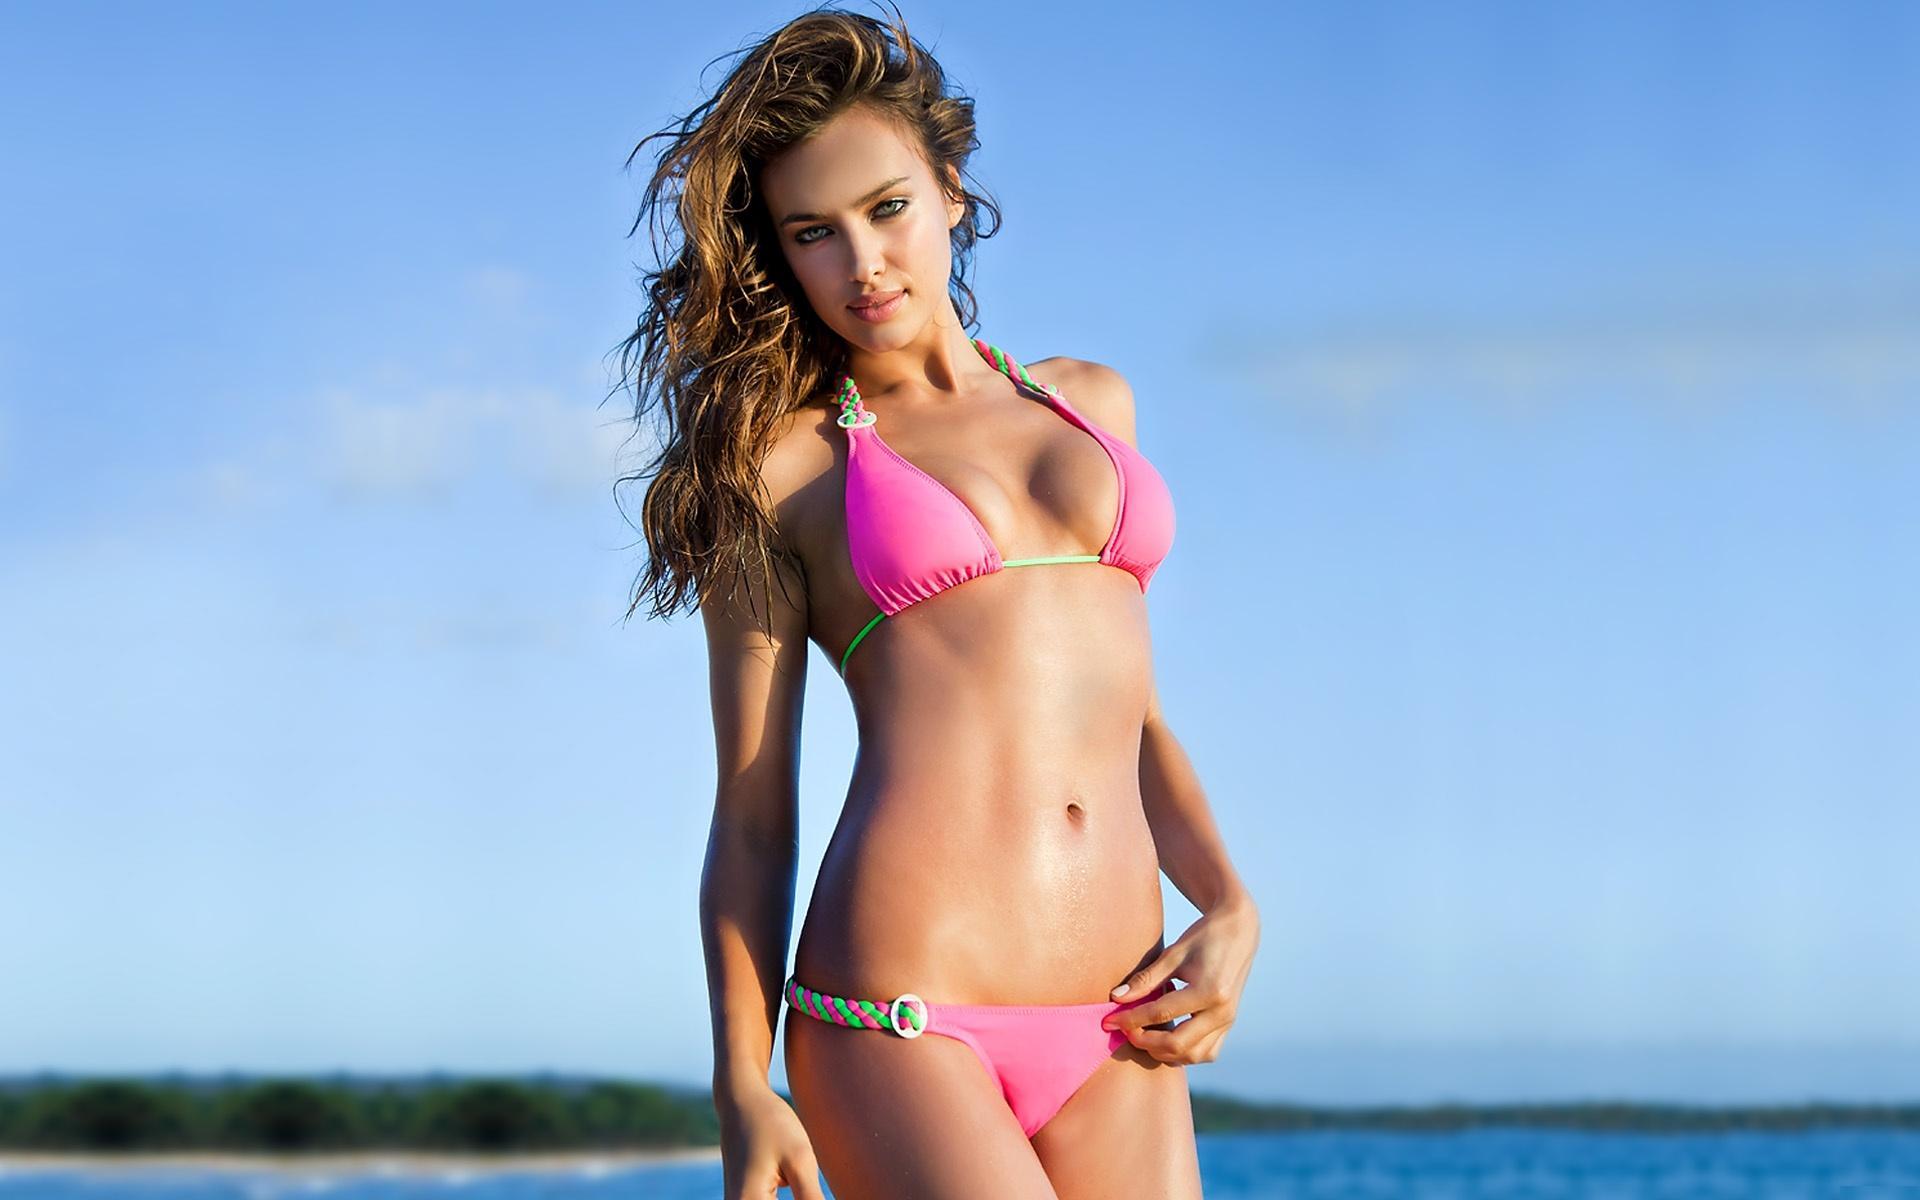 Irina Shayk In Bikini